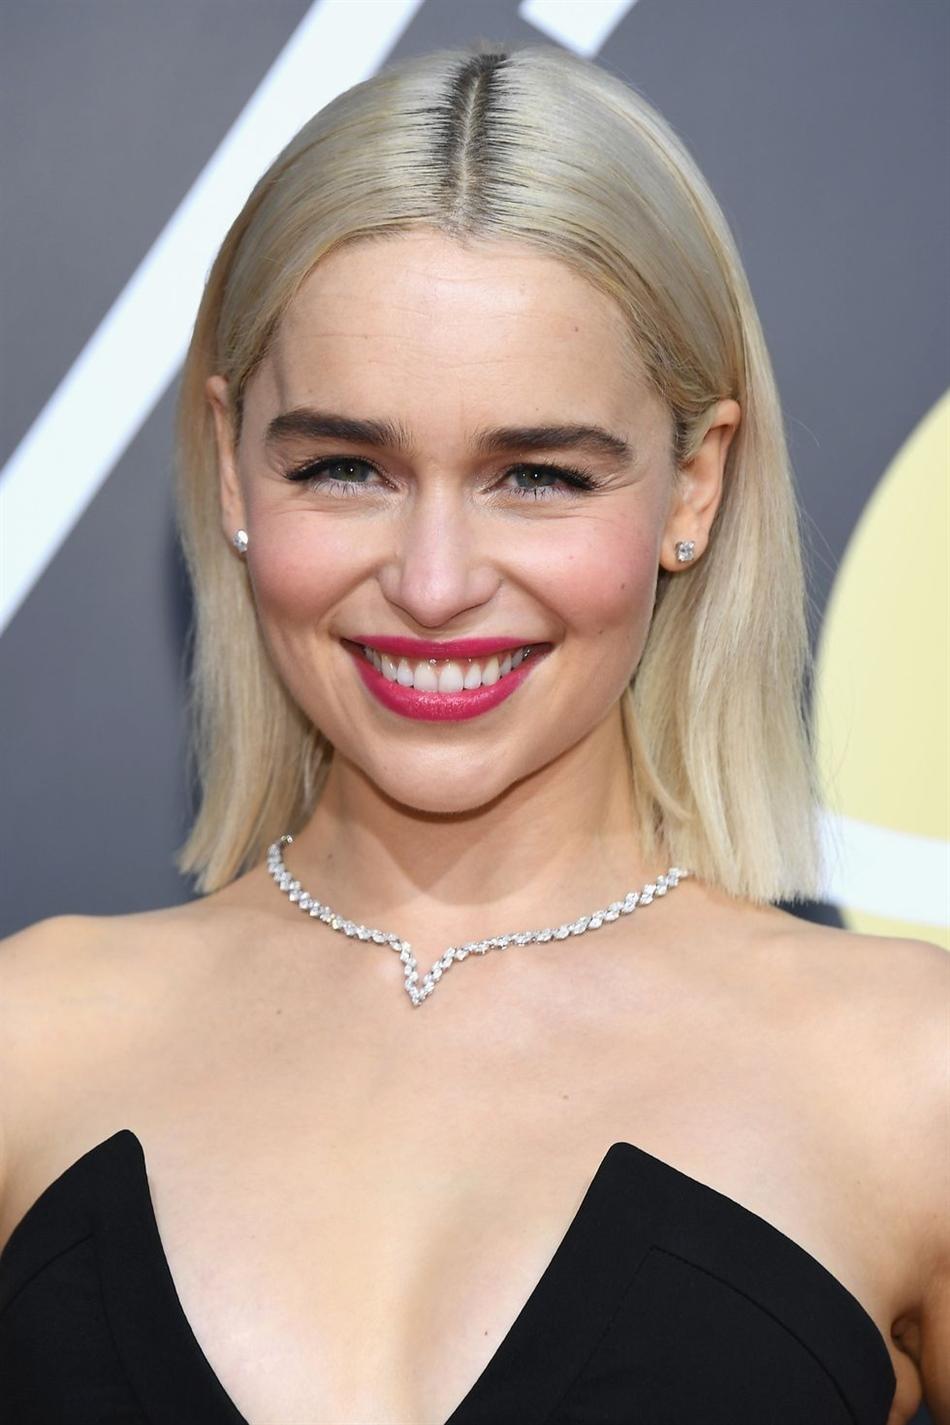 Frisuren Damen Emilia Clarke